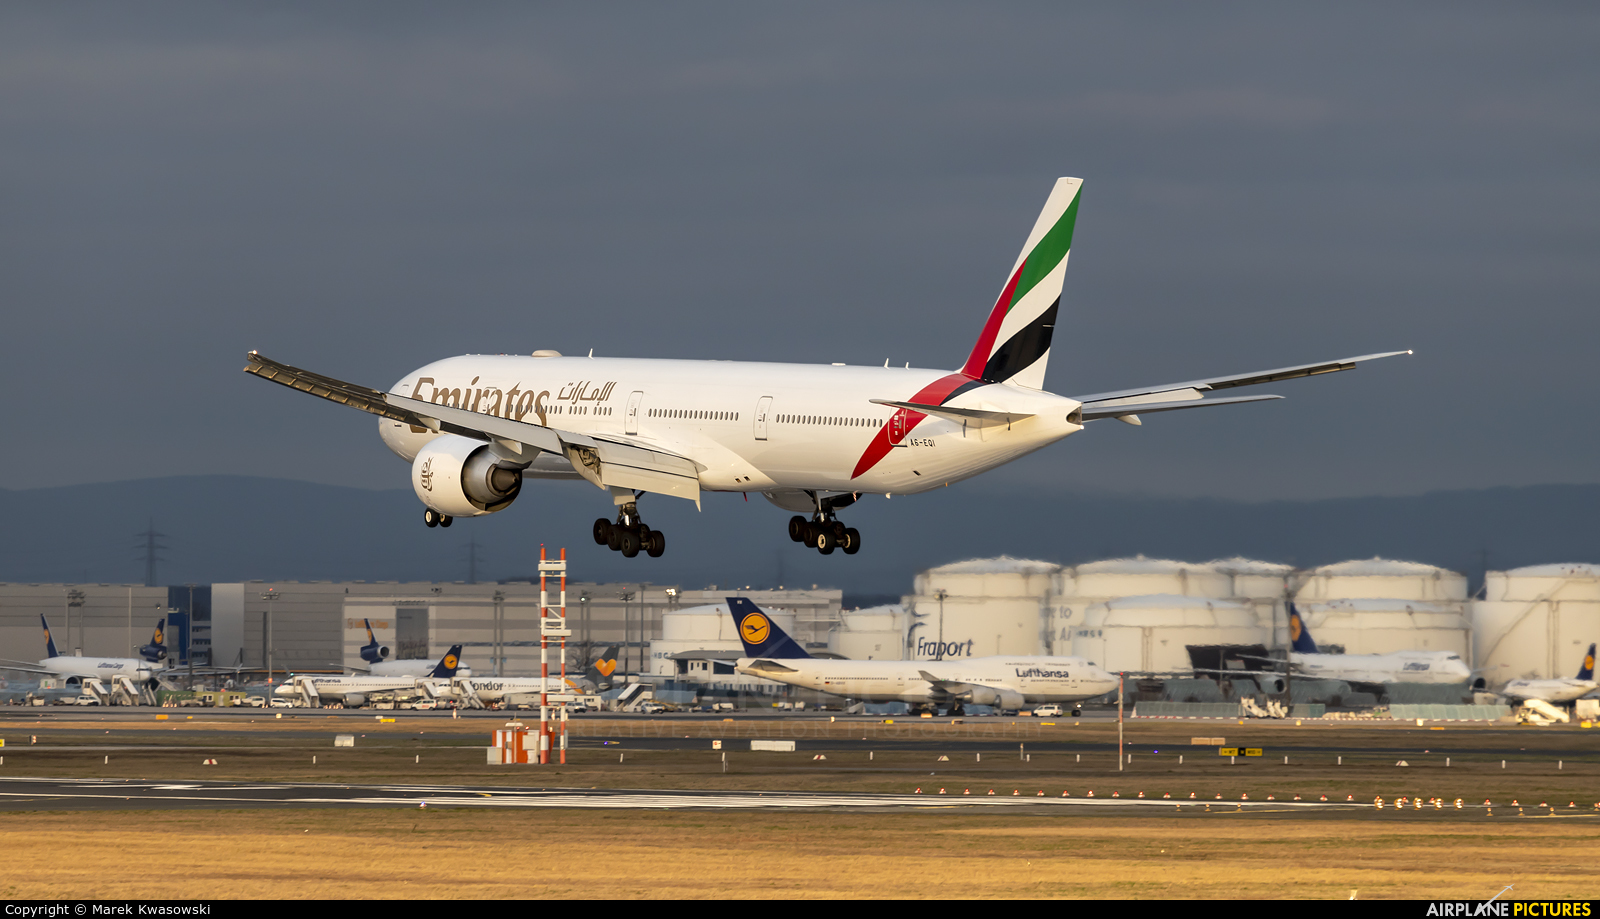 Emirates Airlines A6-EQI aircraft at Frankfurt